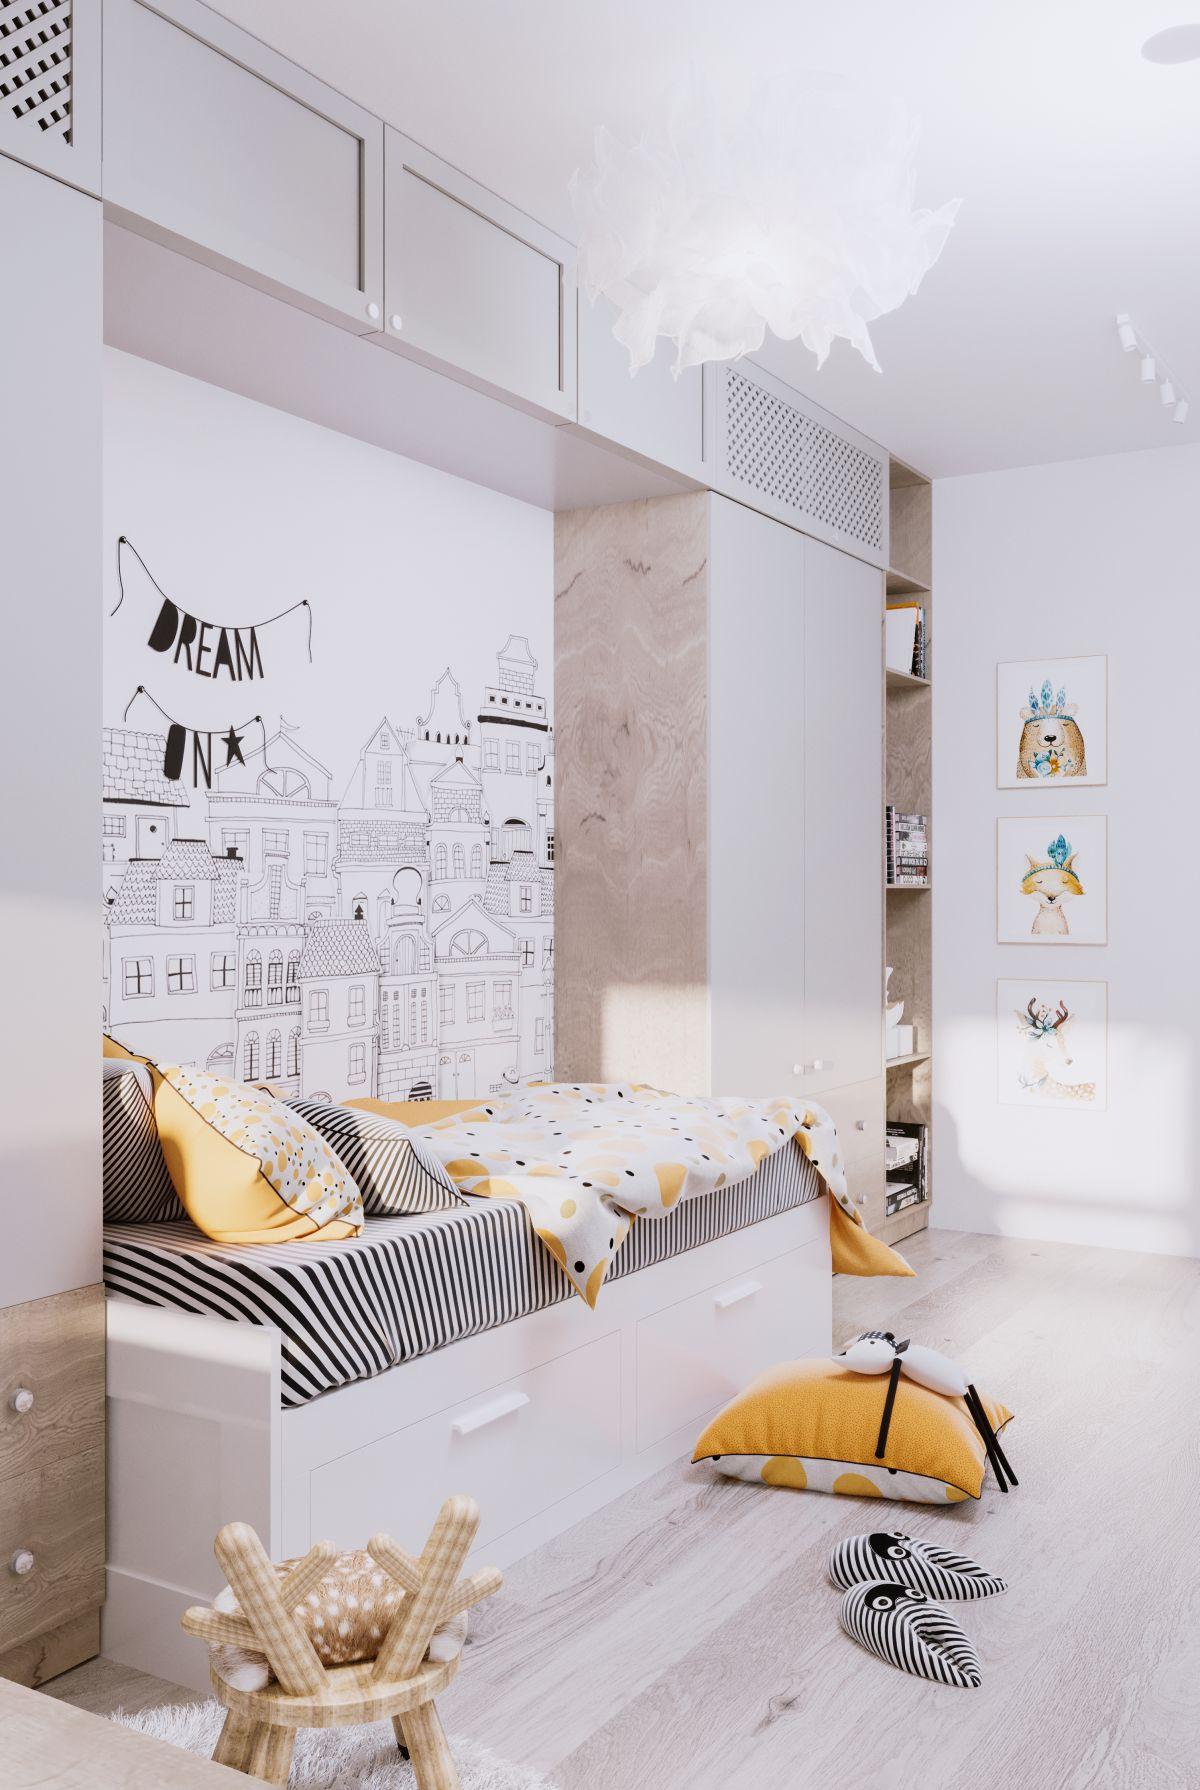 Dacă te gândești că piesele de mobilier sau pereții în nuanțe de galben ar fi prea mult pentru o cameră de tineret, poți să te gândești la mobilă cu fețe gri, tip lemn și albe, iar accentele decorative și decorațiunile textile să fie galbene. Practic, ceea ce se păstrează este în nuanțe neutre (mobila), iar ceea ce se schimbă sunt decorațiunile. Simplu, nu?